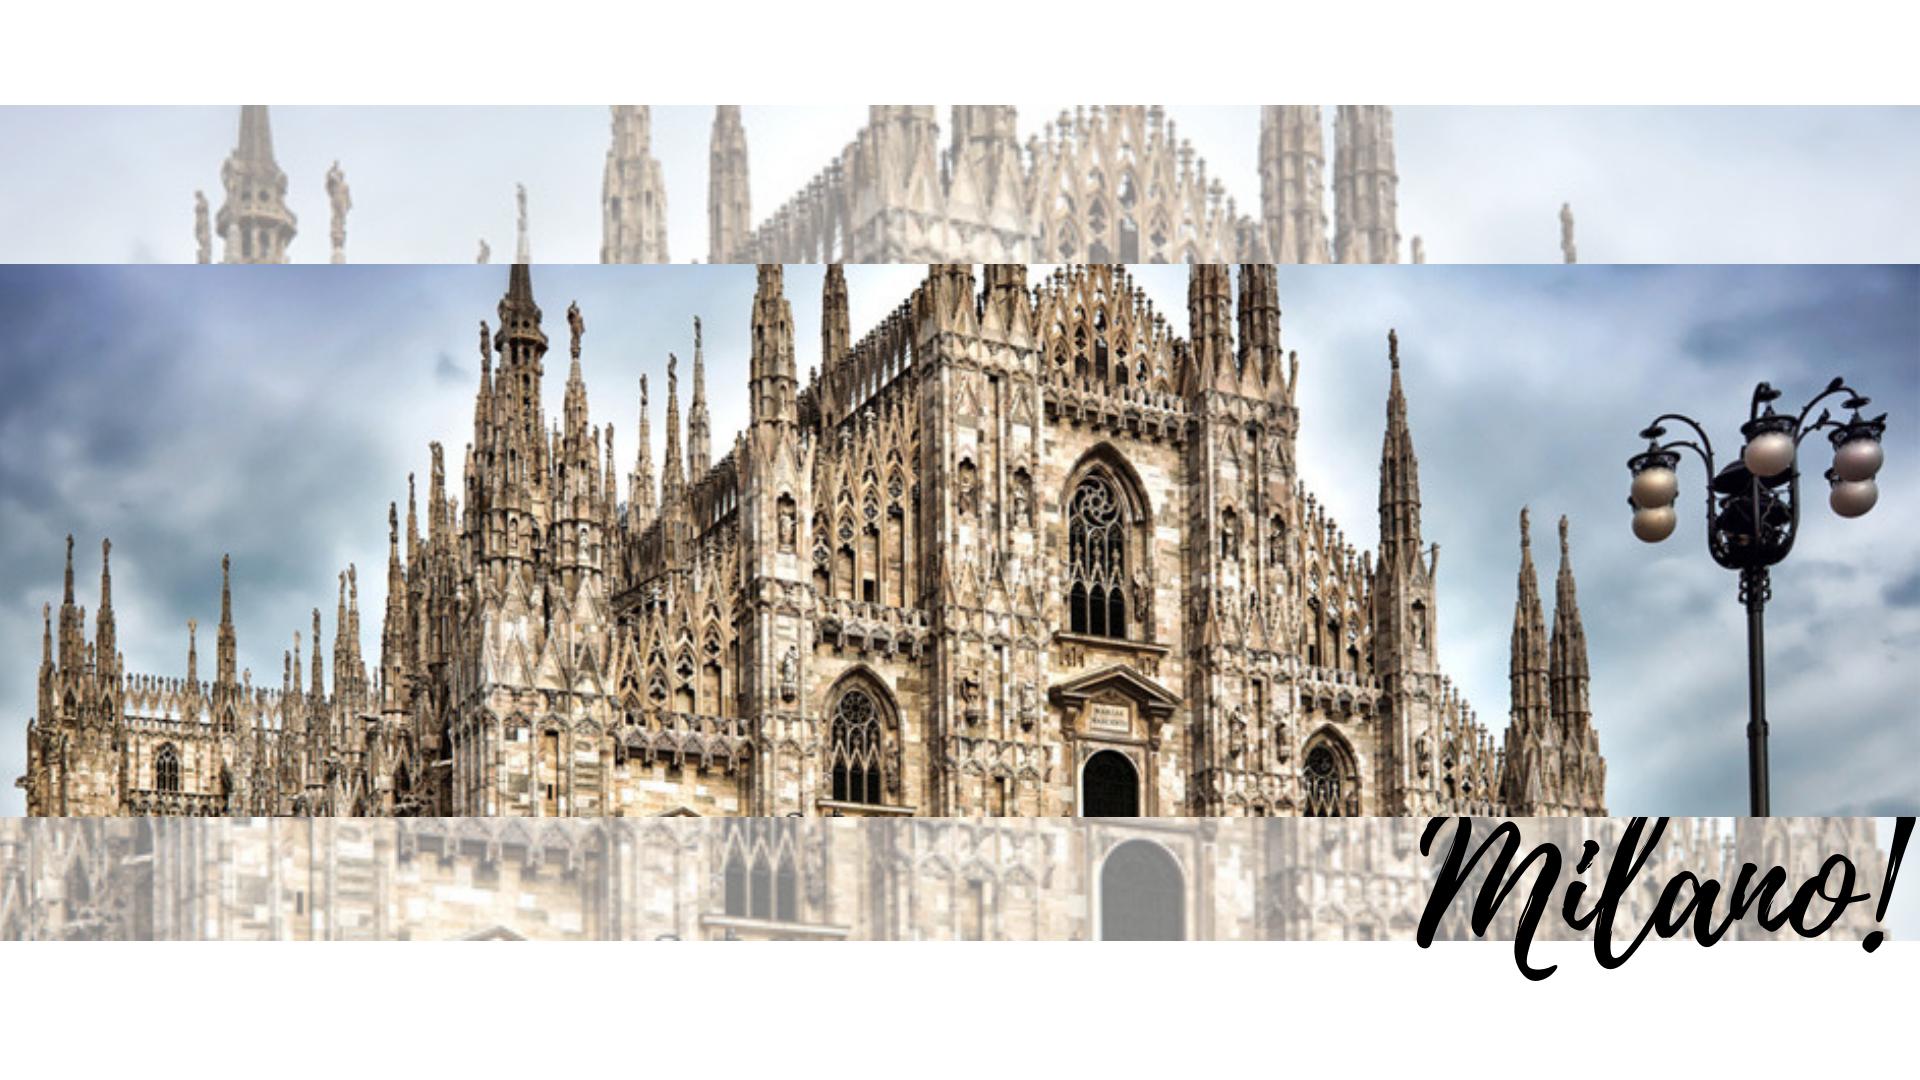 THEO ĐUỔI ĐAM MÊ THIẾT KẾ, THỜI TRANG VỚI HỌC BỔNG DU HỌC ITALY